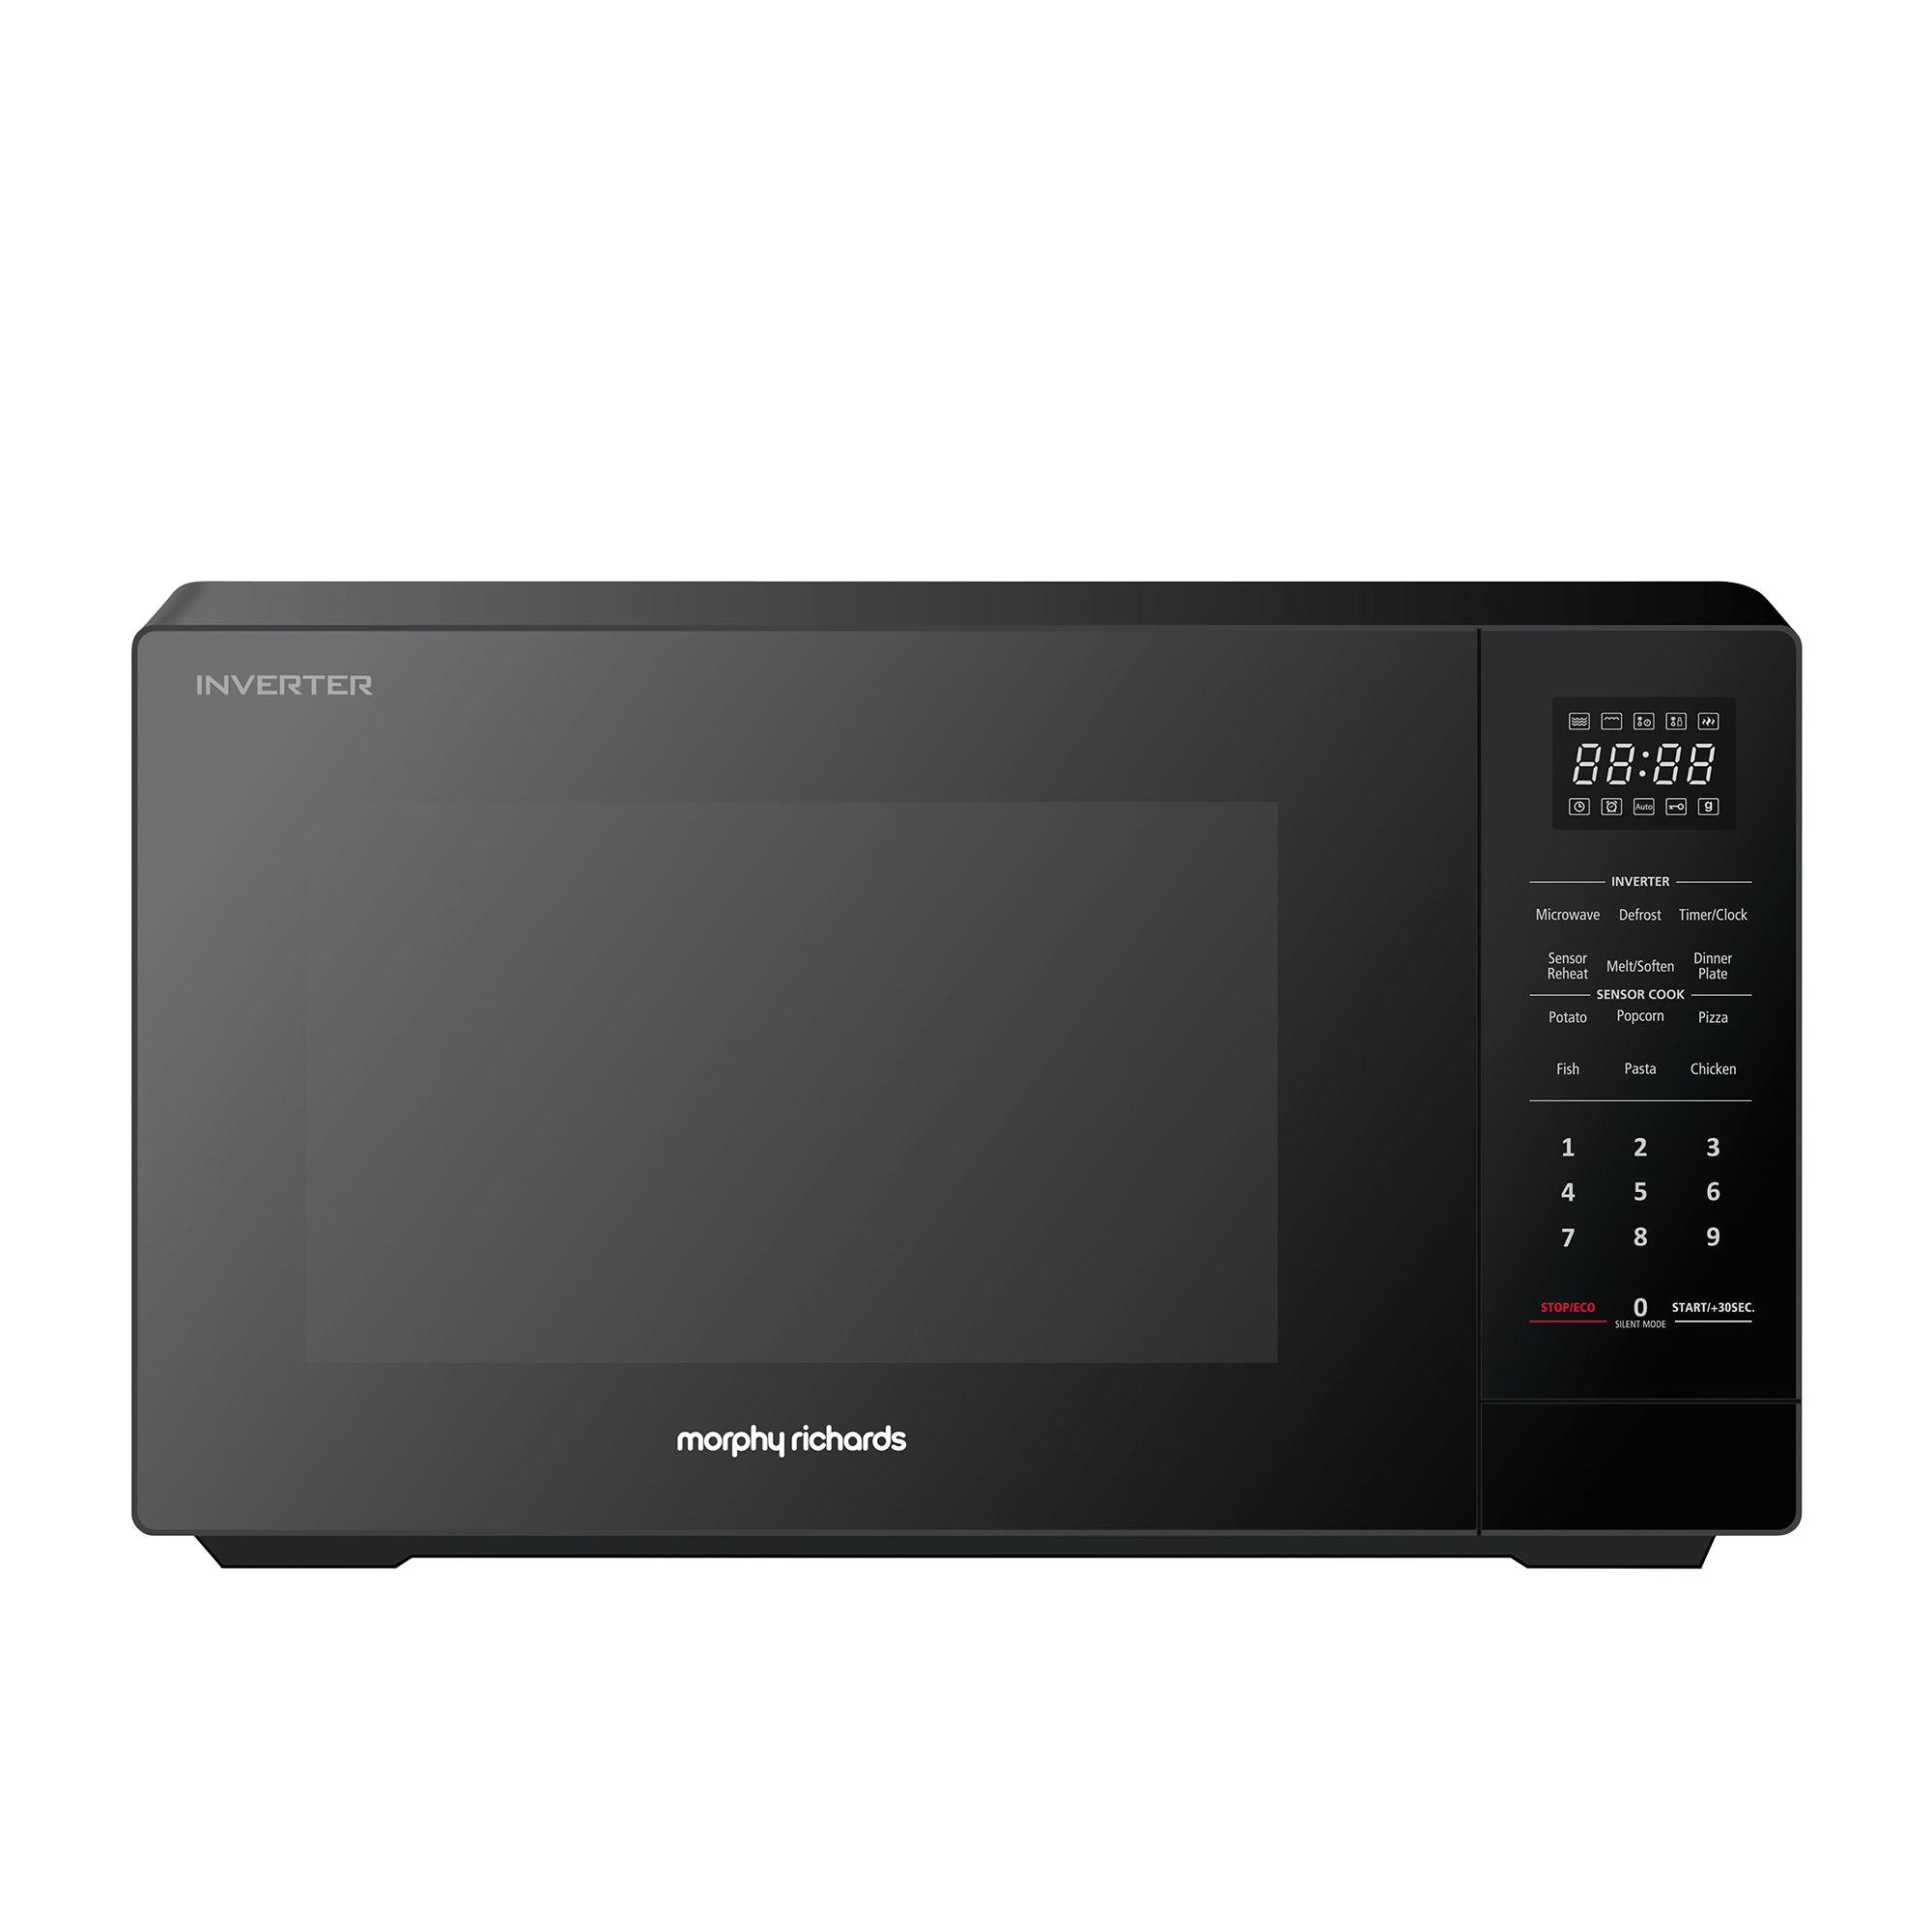 Morphy Richards Inverter Microwave Oven 34L Black